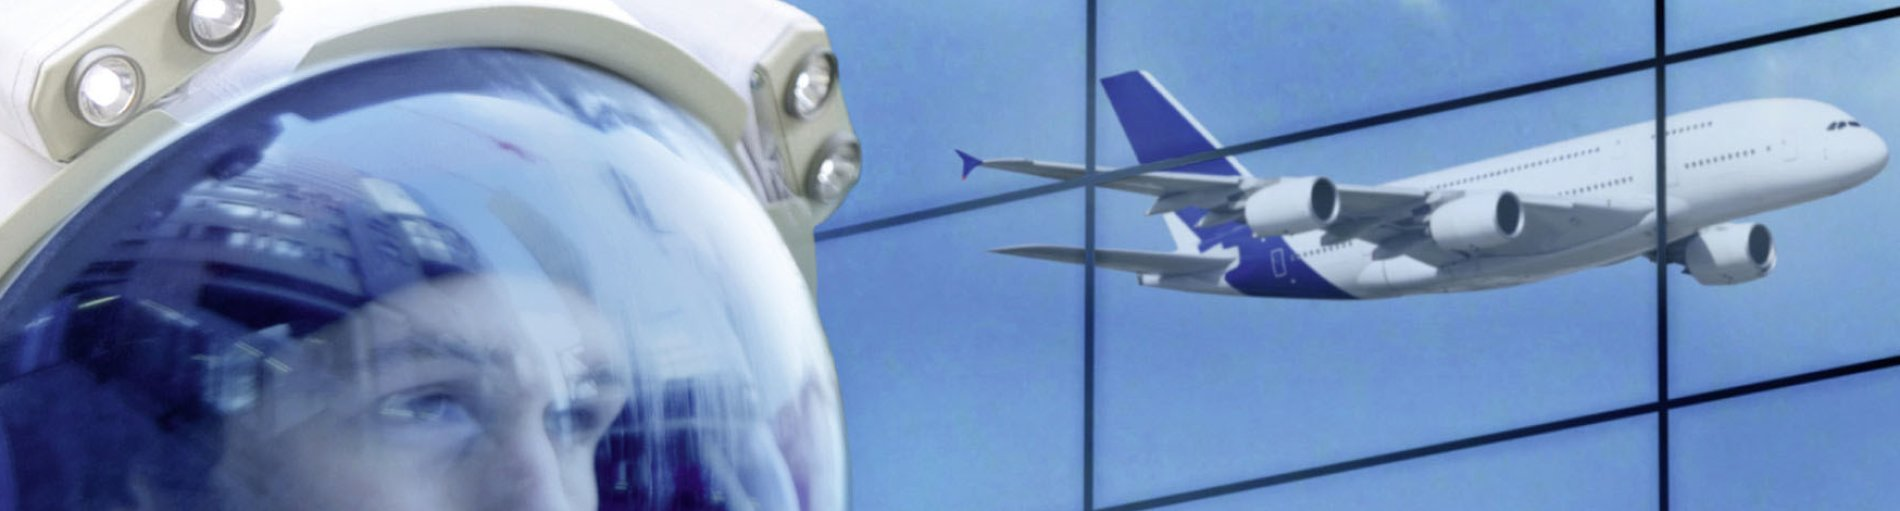 Luft- und Raumfahrt in Bremen (Quelle: WFB)